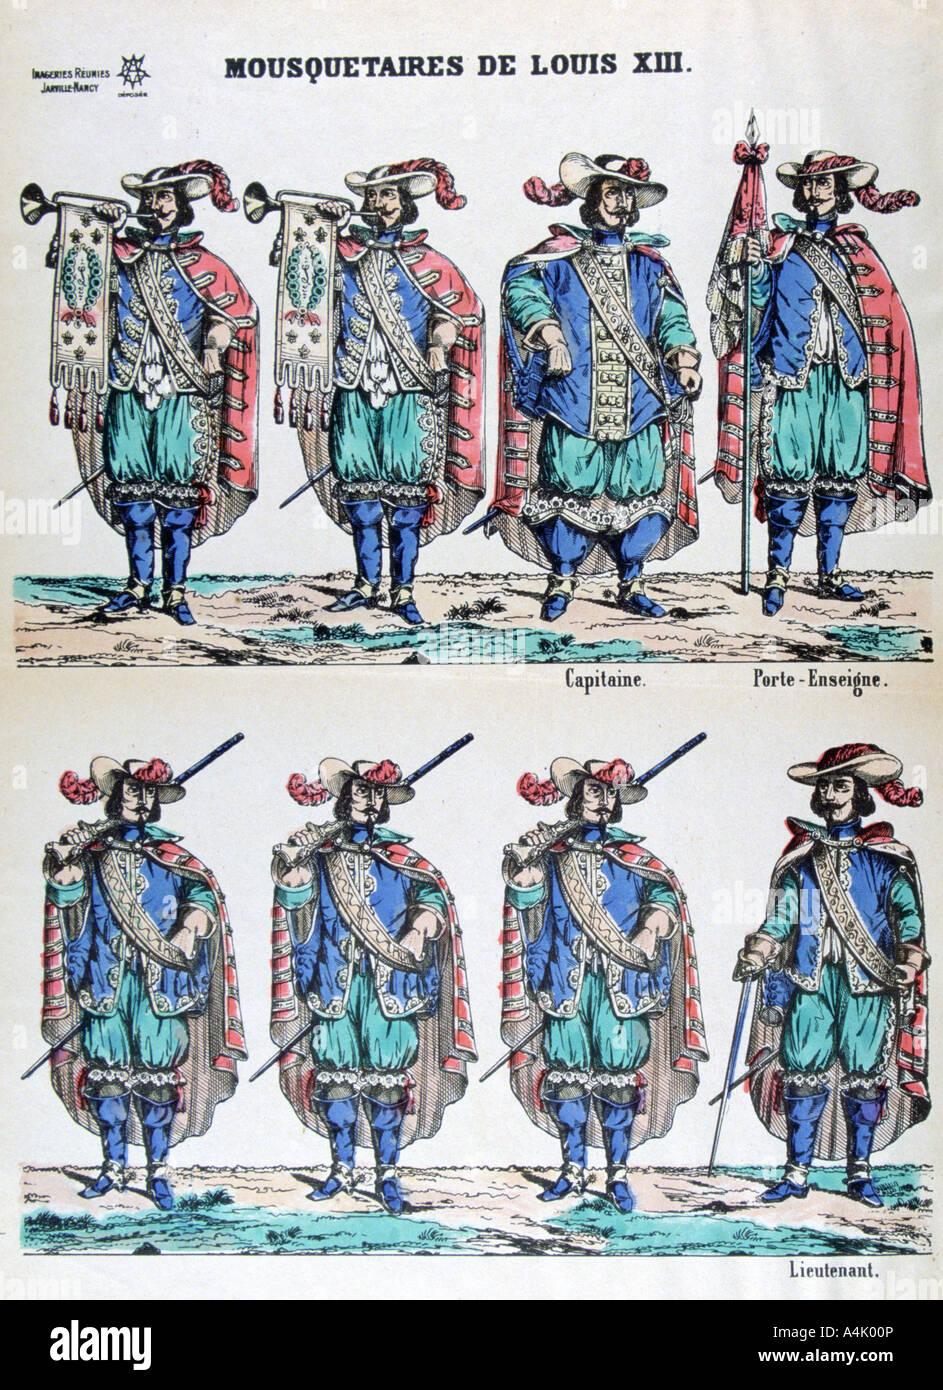 17 Jahrhundert Bild Architektur: Musketiere Von Louis XIII Aus Dem 17. Jahrhundert, 19